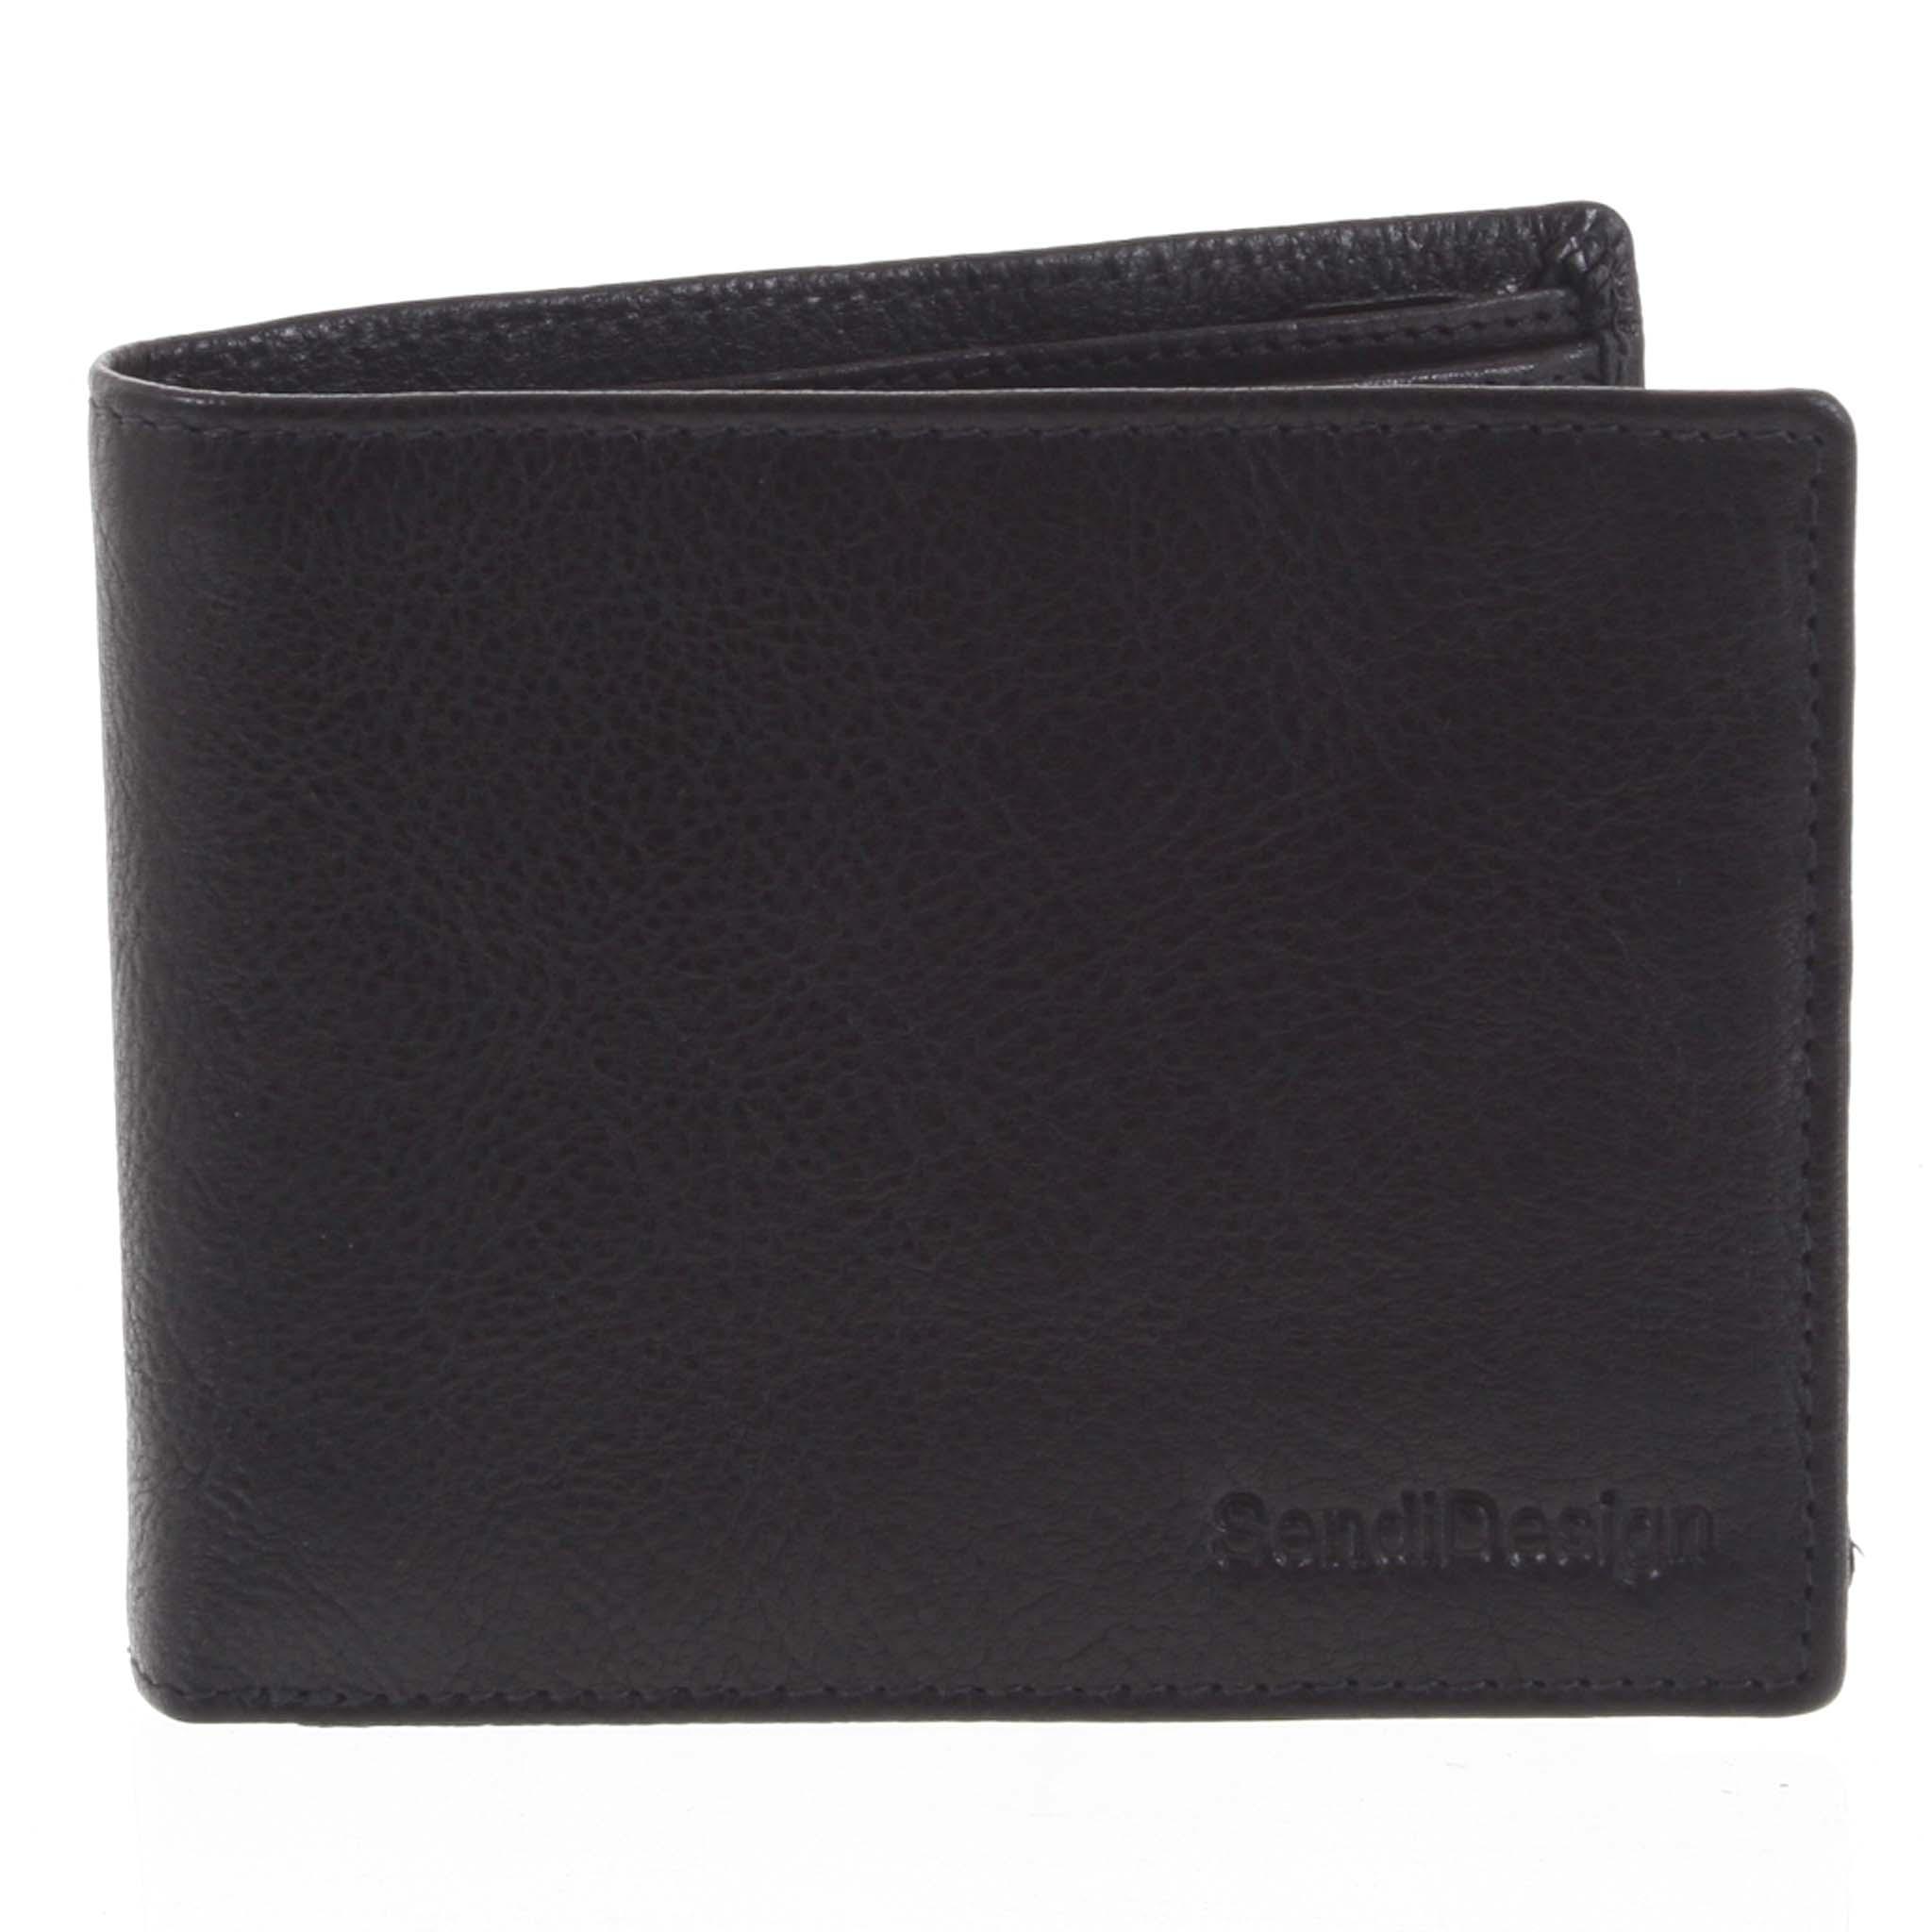 Pánska kožená peňaženka čierna - SendiDesign Maty čierna